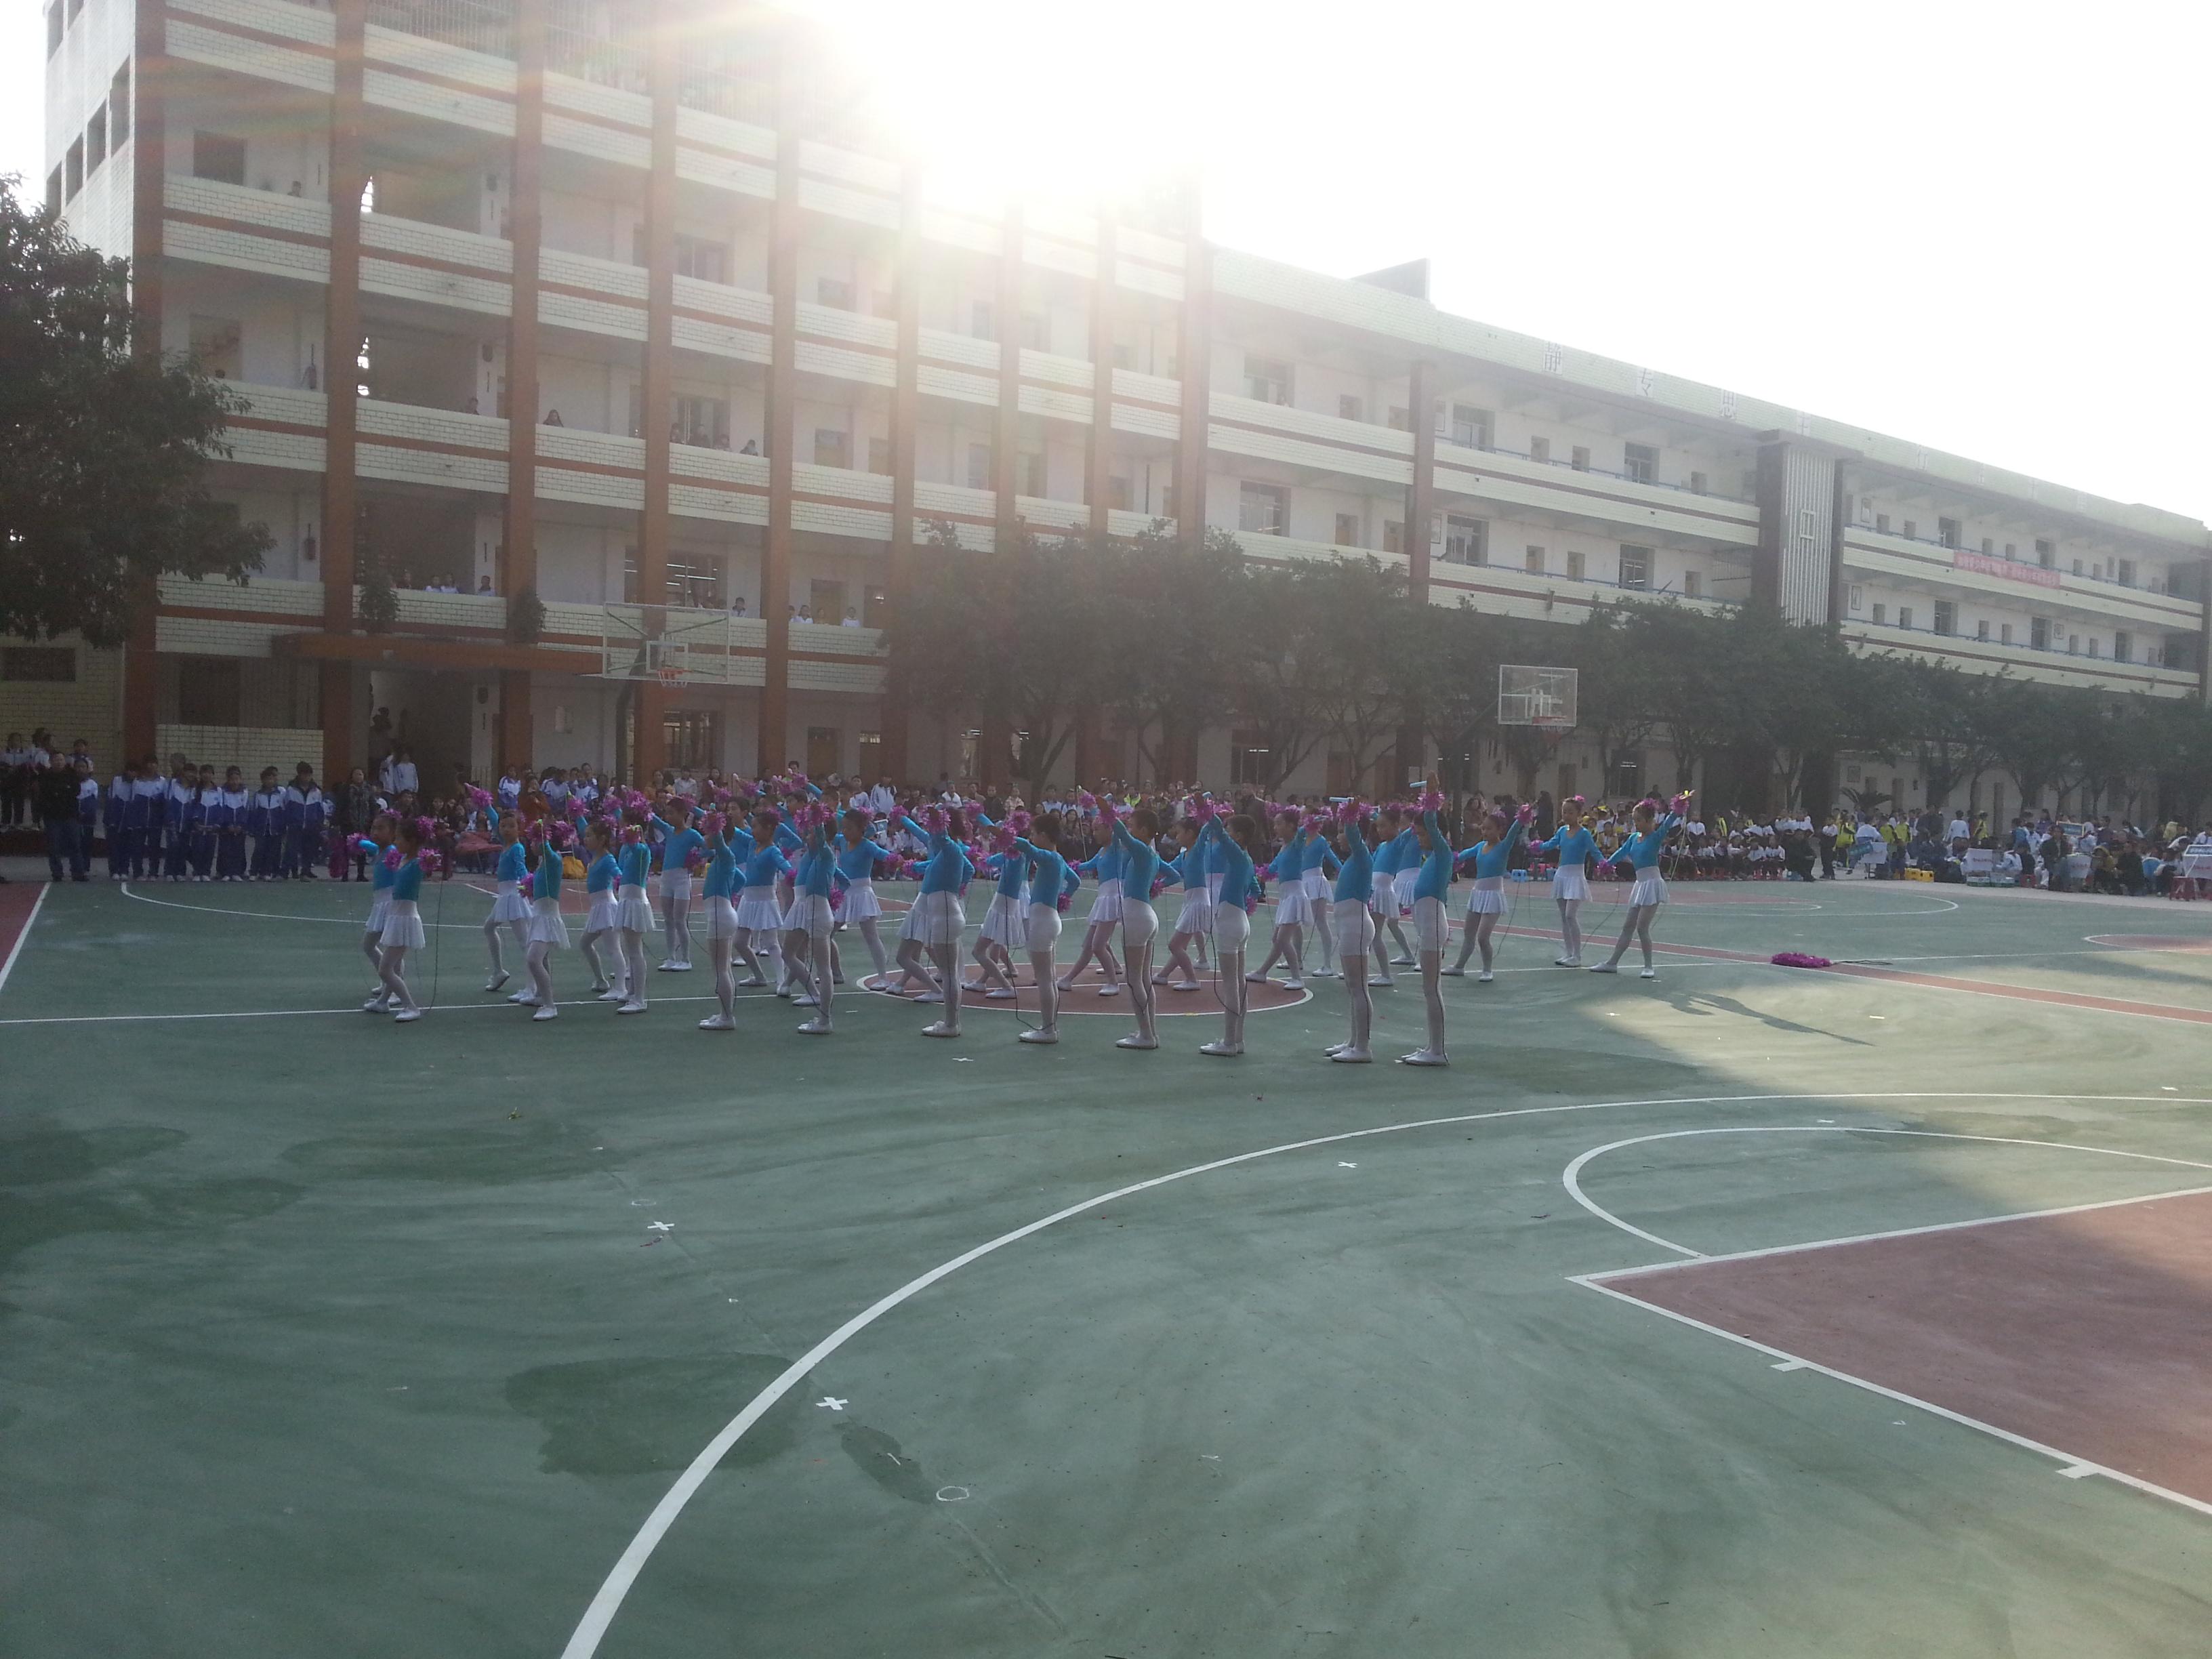 鸿鹤小学参加自贡市自流井区首届千名学生花样跳绳比赛